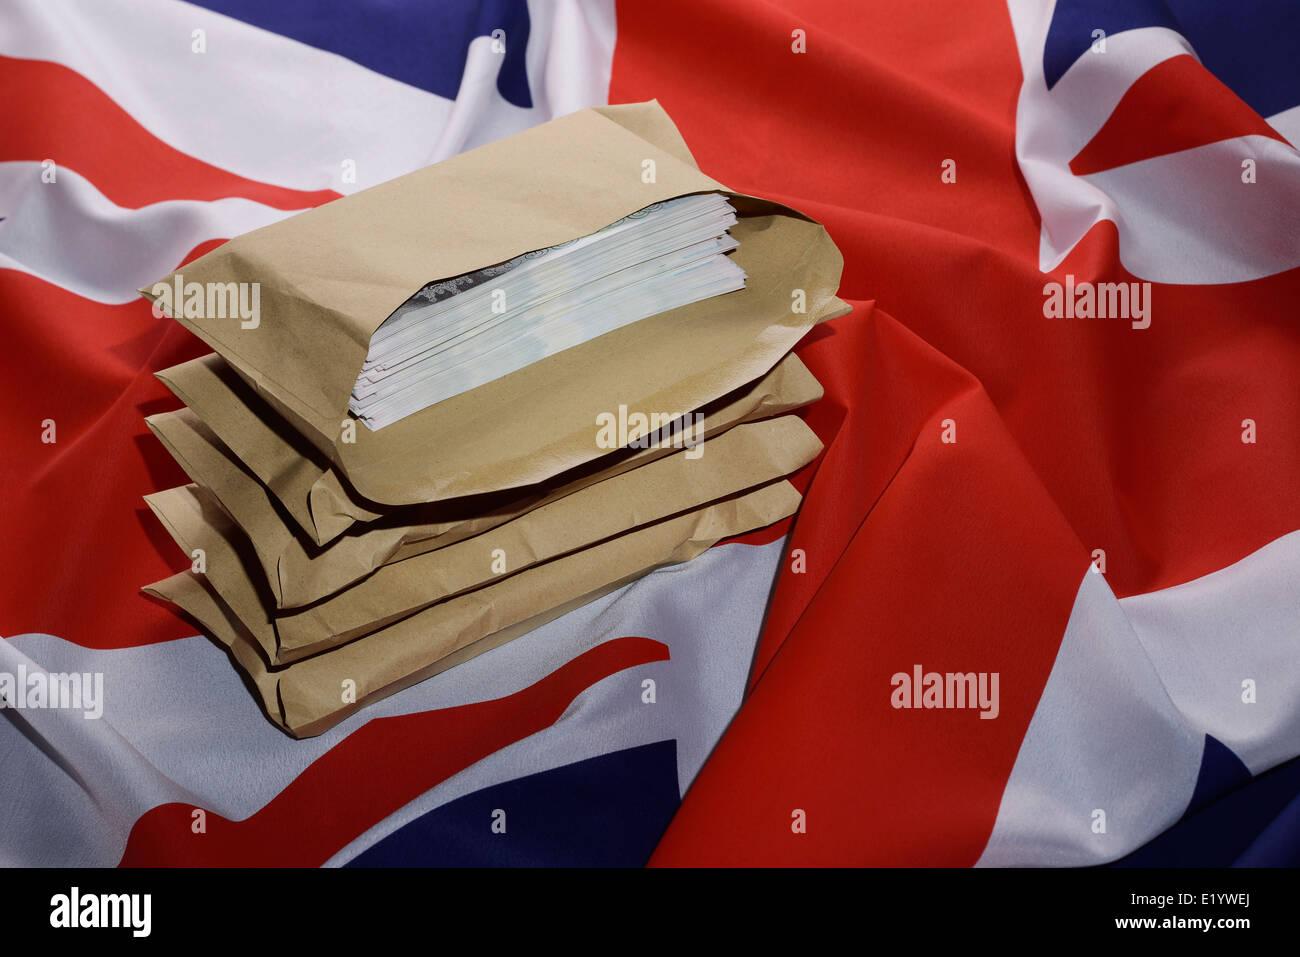 Bandera Union Jack con sobres llenos de dinero Imagen De Stock